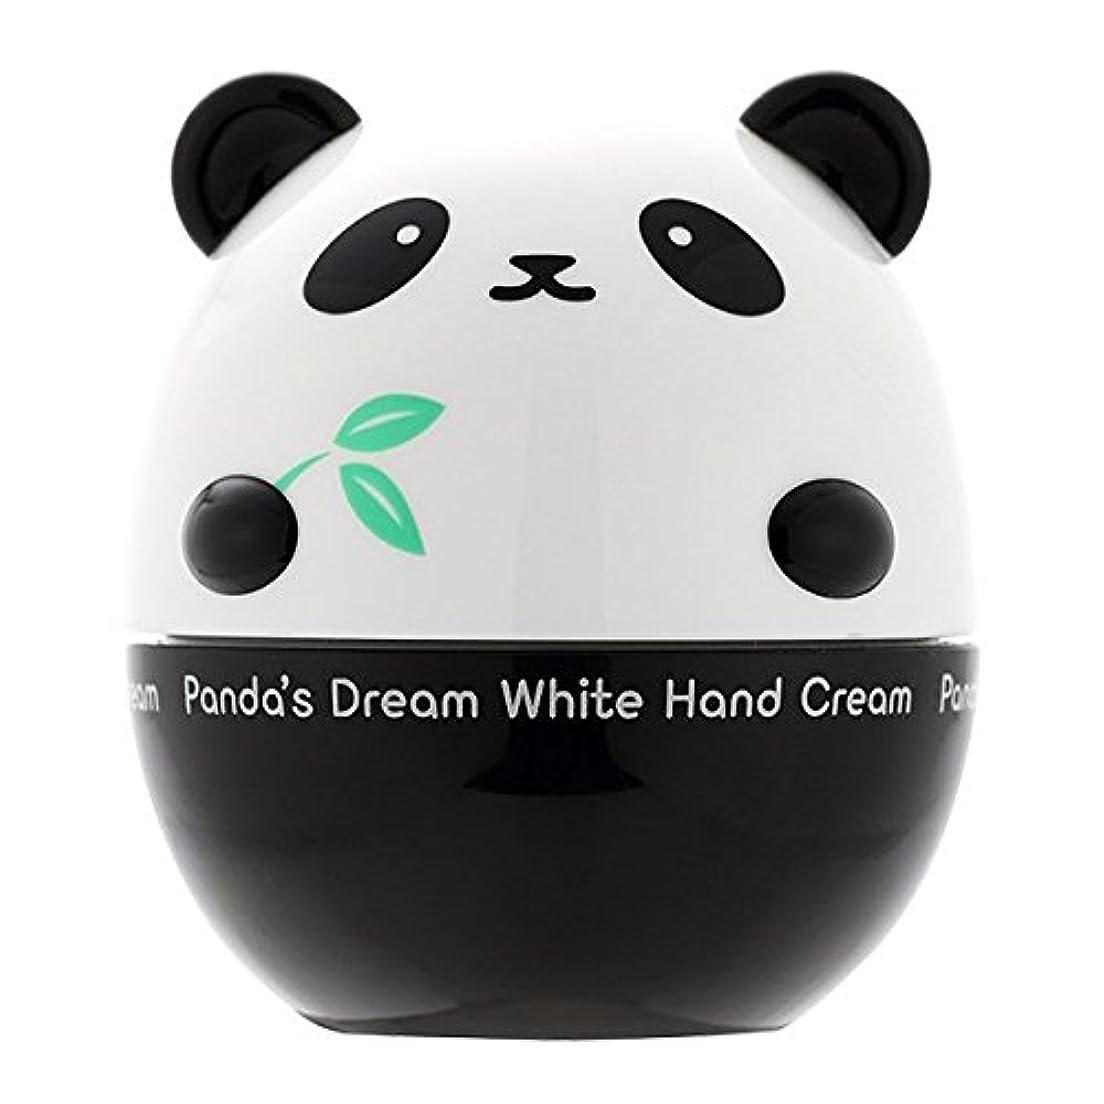 酔った復活性差別TONYMOLY パンダのゆめ ホワイトマジッククリーム 50g Panda's Dream White Magic Cream 照明クリームトニーモリー下地の代わりに美肌クリーム美肌成分含有 【韓国コスメ】トニーモリー